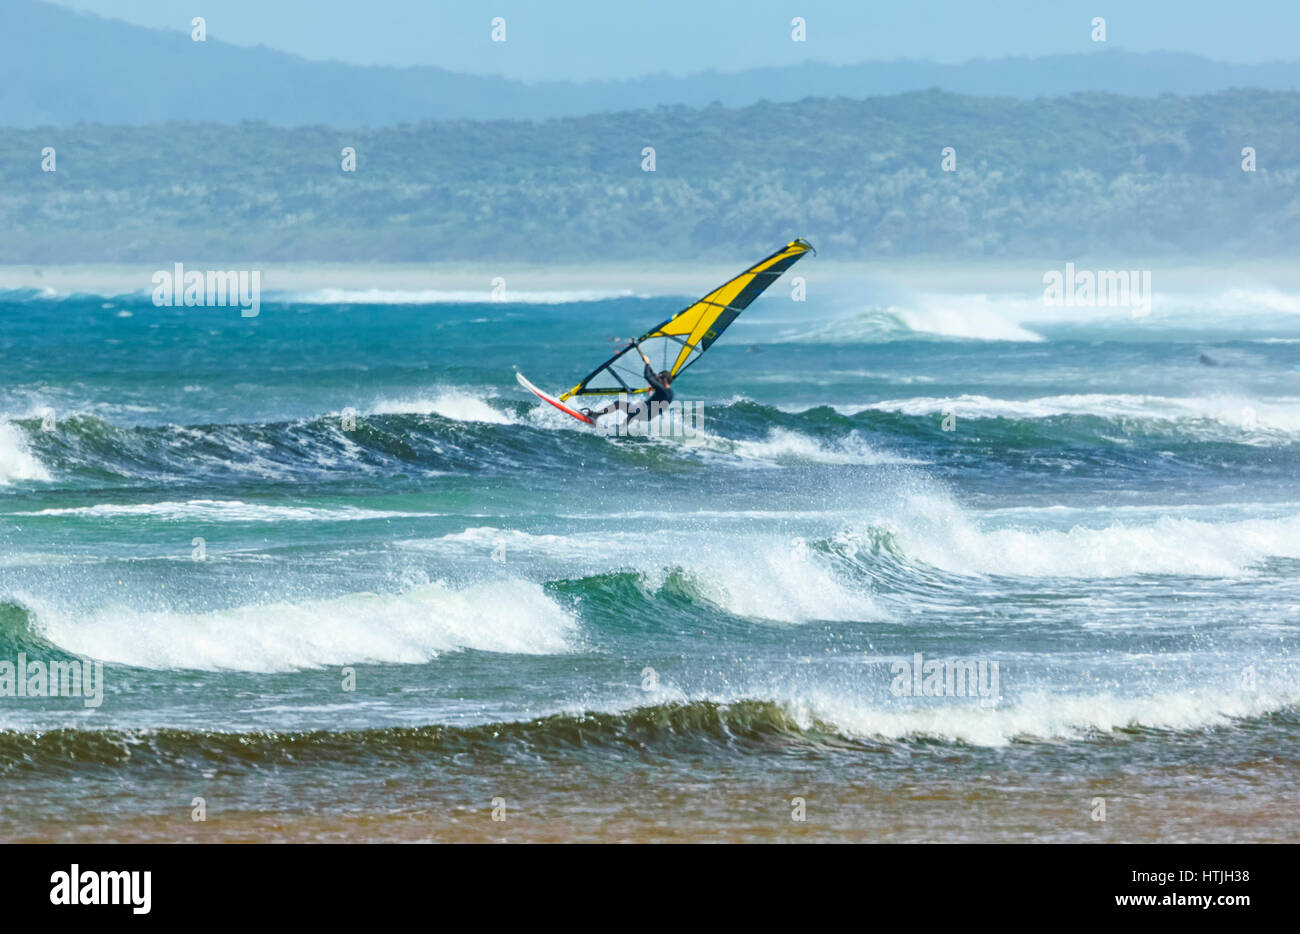 Windsurf surf in condizioni di mare grosso con grandi onde a Seven Mile Beach, Gerroa, Illawarra Costa, Nuovo Galles del Sud, NSW, Australia Foto Stock